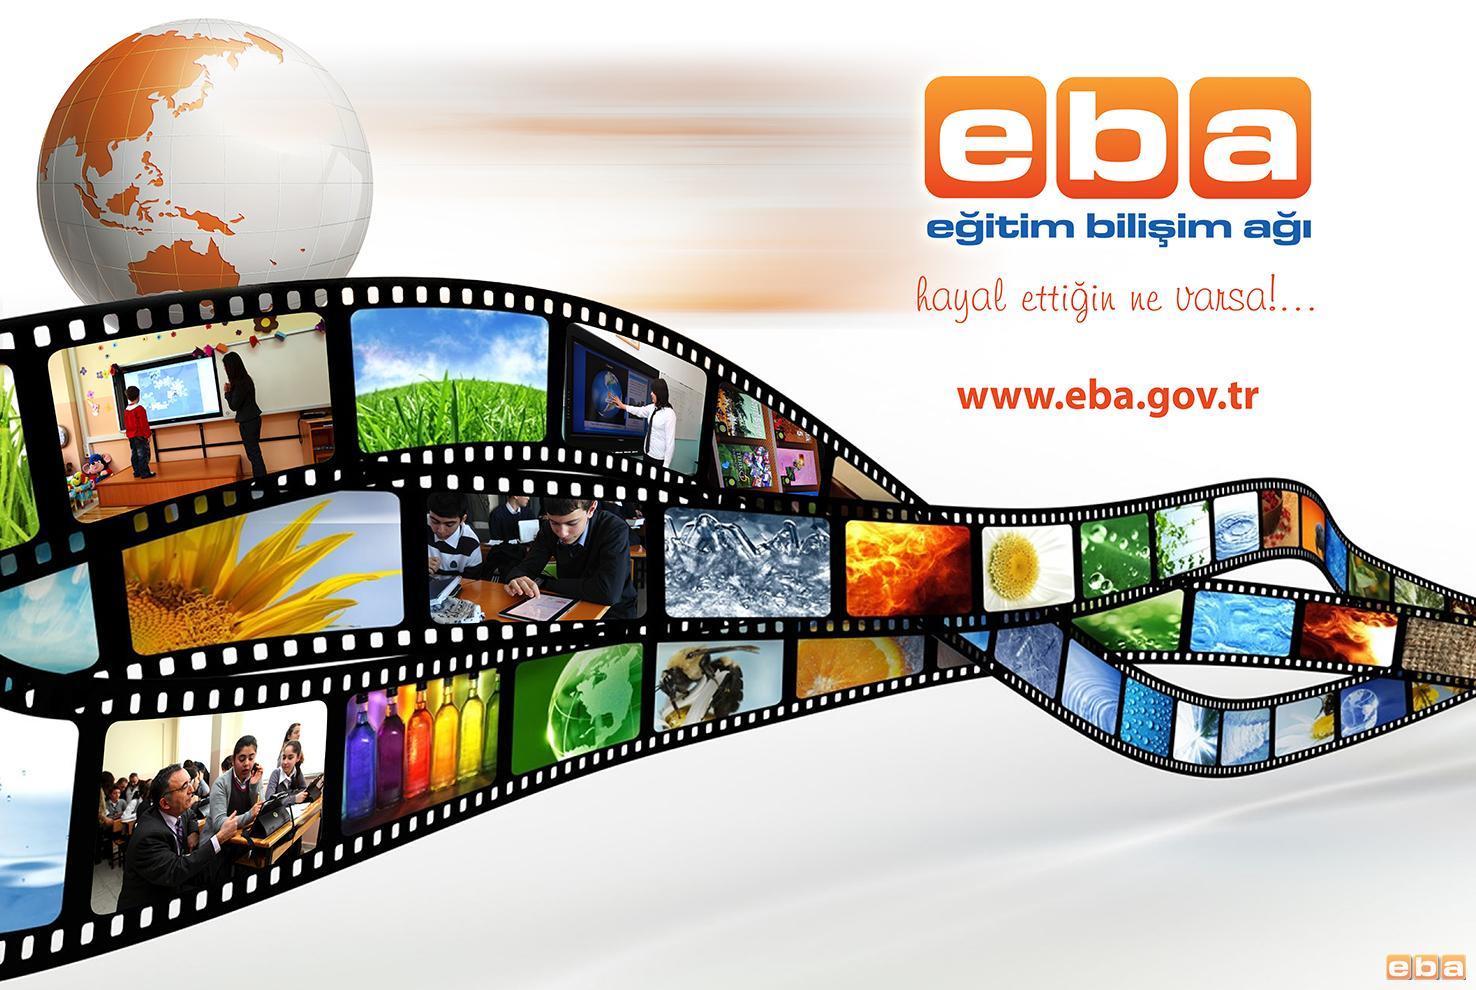 EBA Youtube Uygulaması Çıktı Ancak Okuldan Youtube Açılmıyor